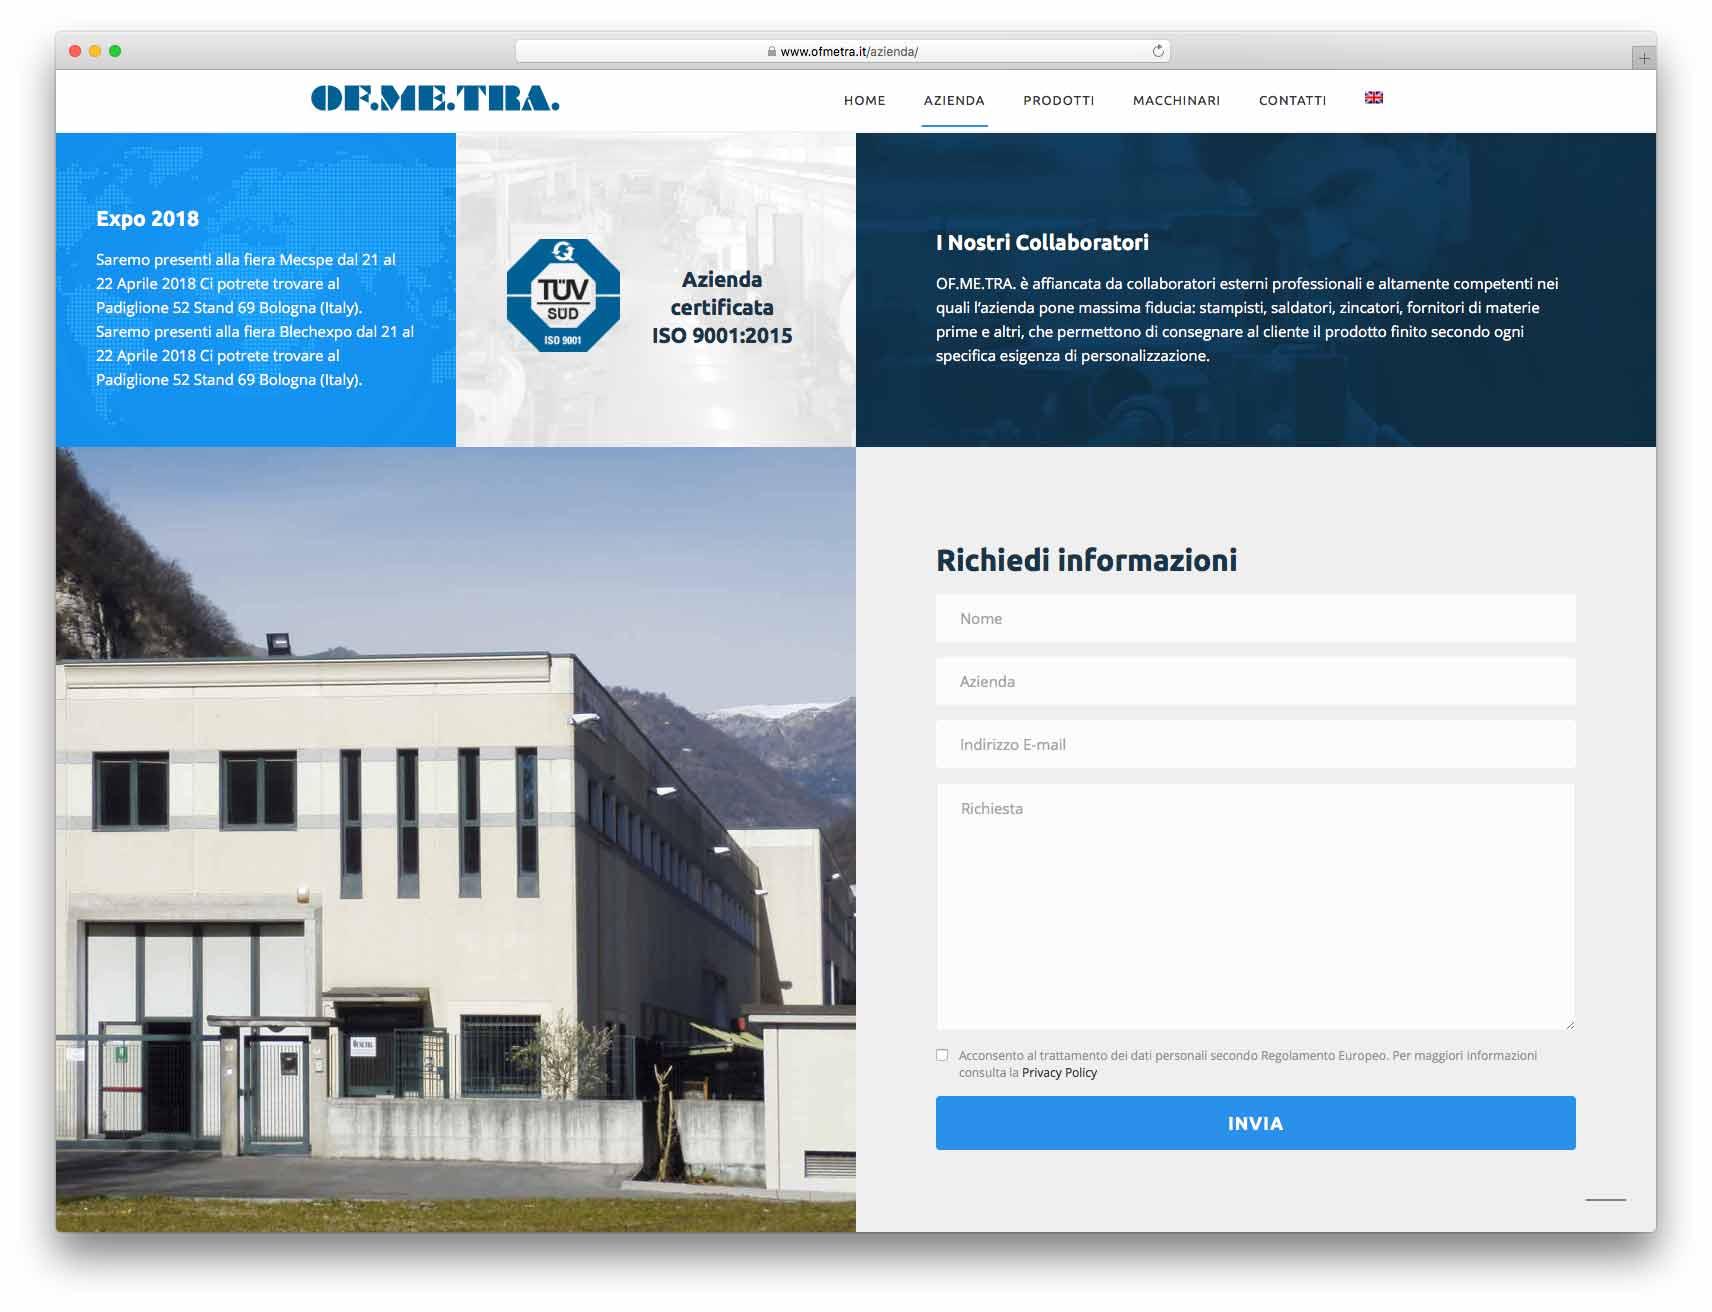 creazione siti web brescia - Agenzia P - sito web Of.me.tra